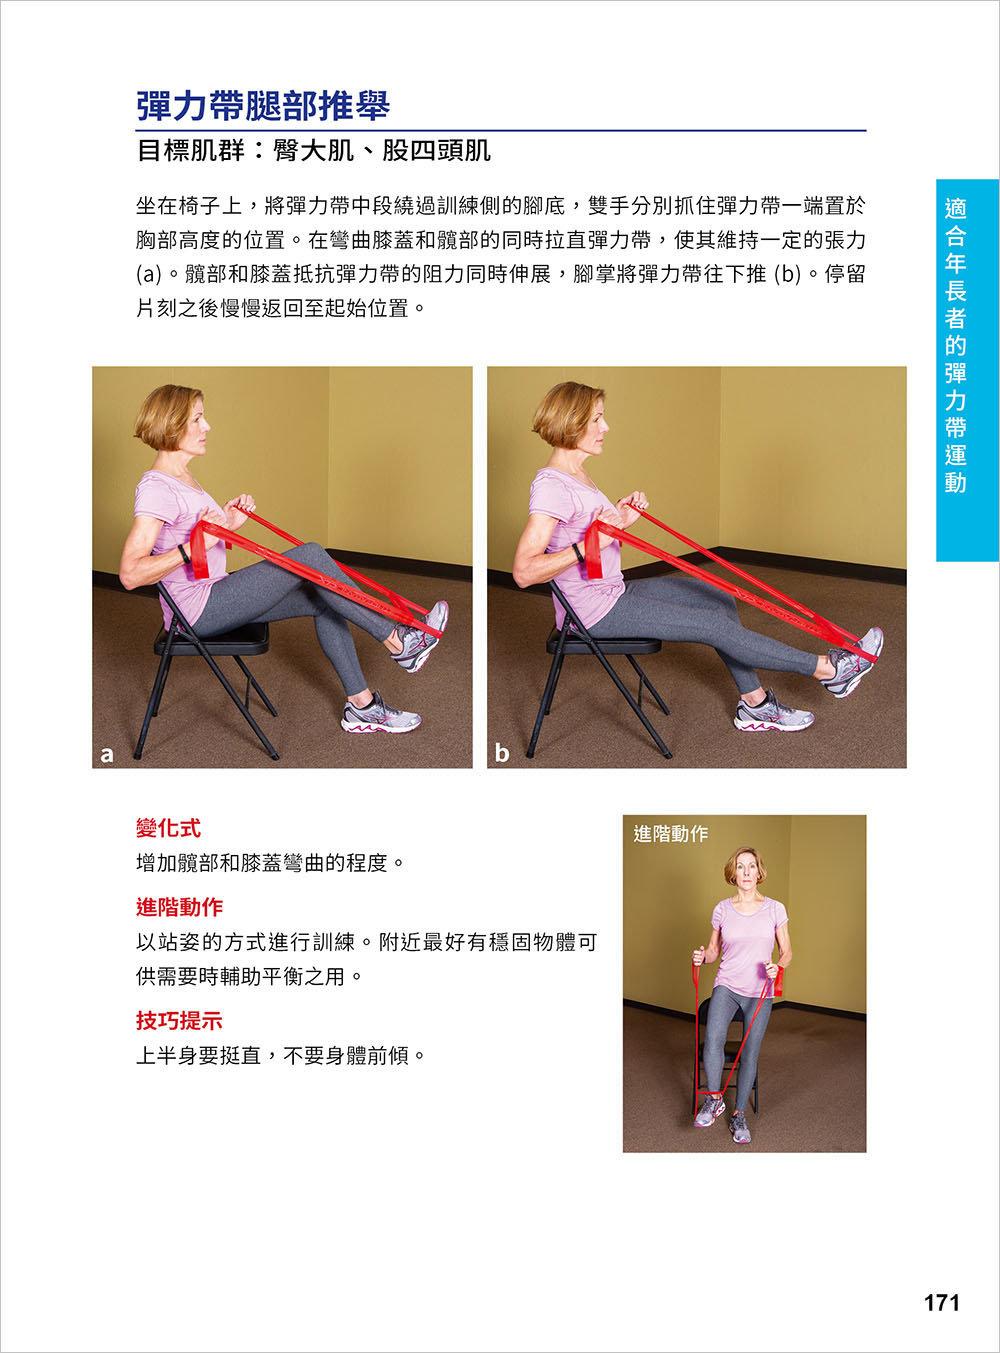 彈性阻力帶肌力訓練大全 162 式最新版 : 健身與功能性訓練、復健與預防肌少症 全適用-preview-7